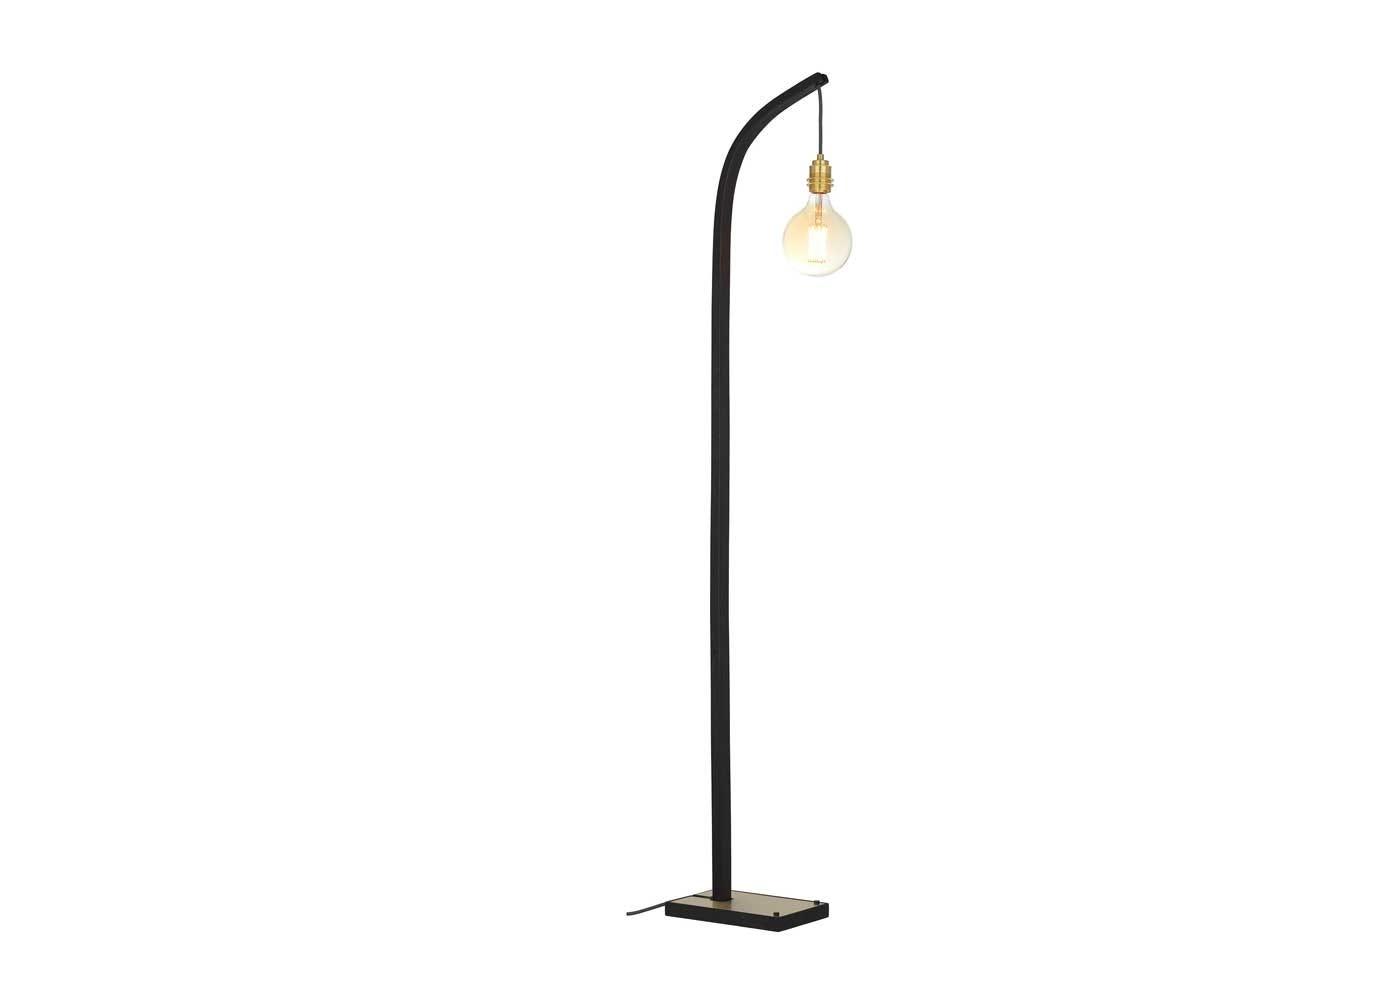 Wheal noctis floor lamp